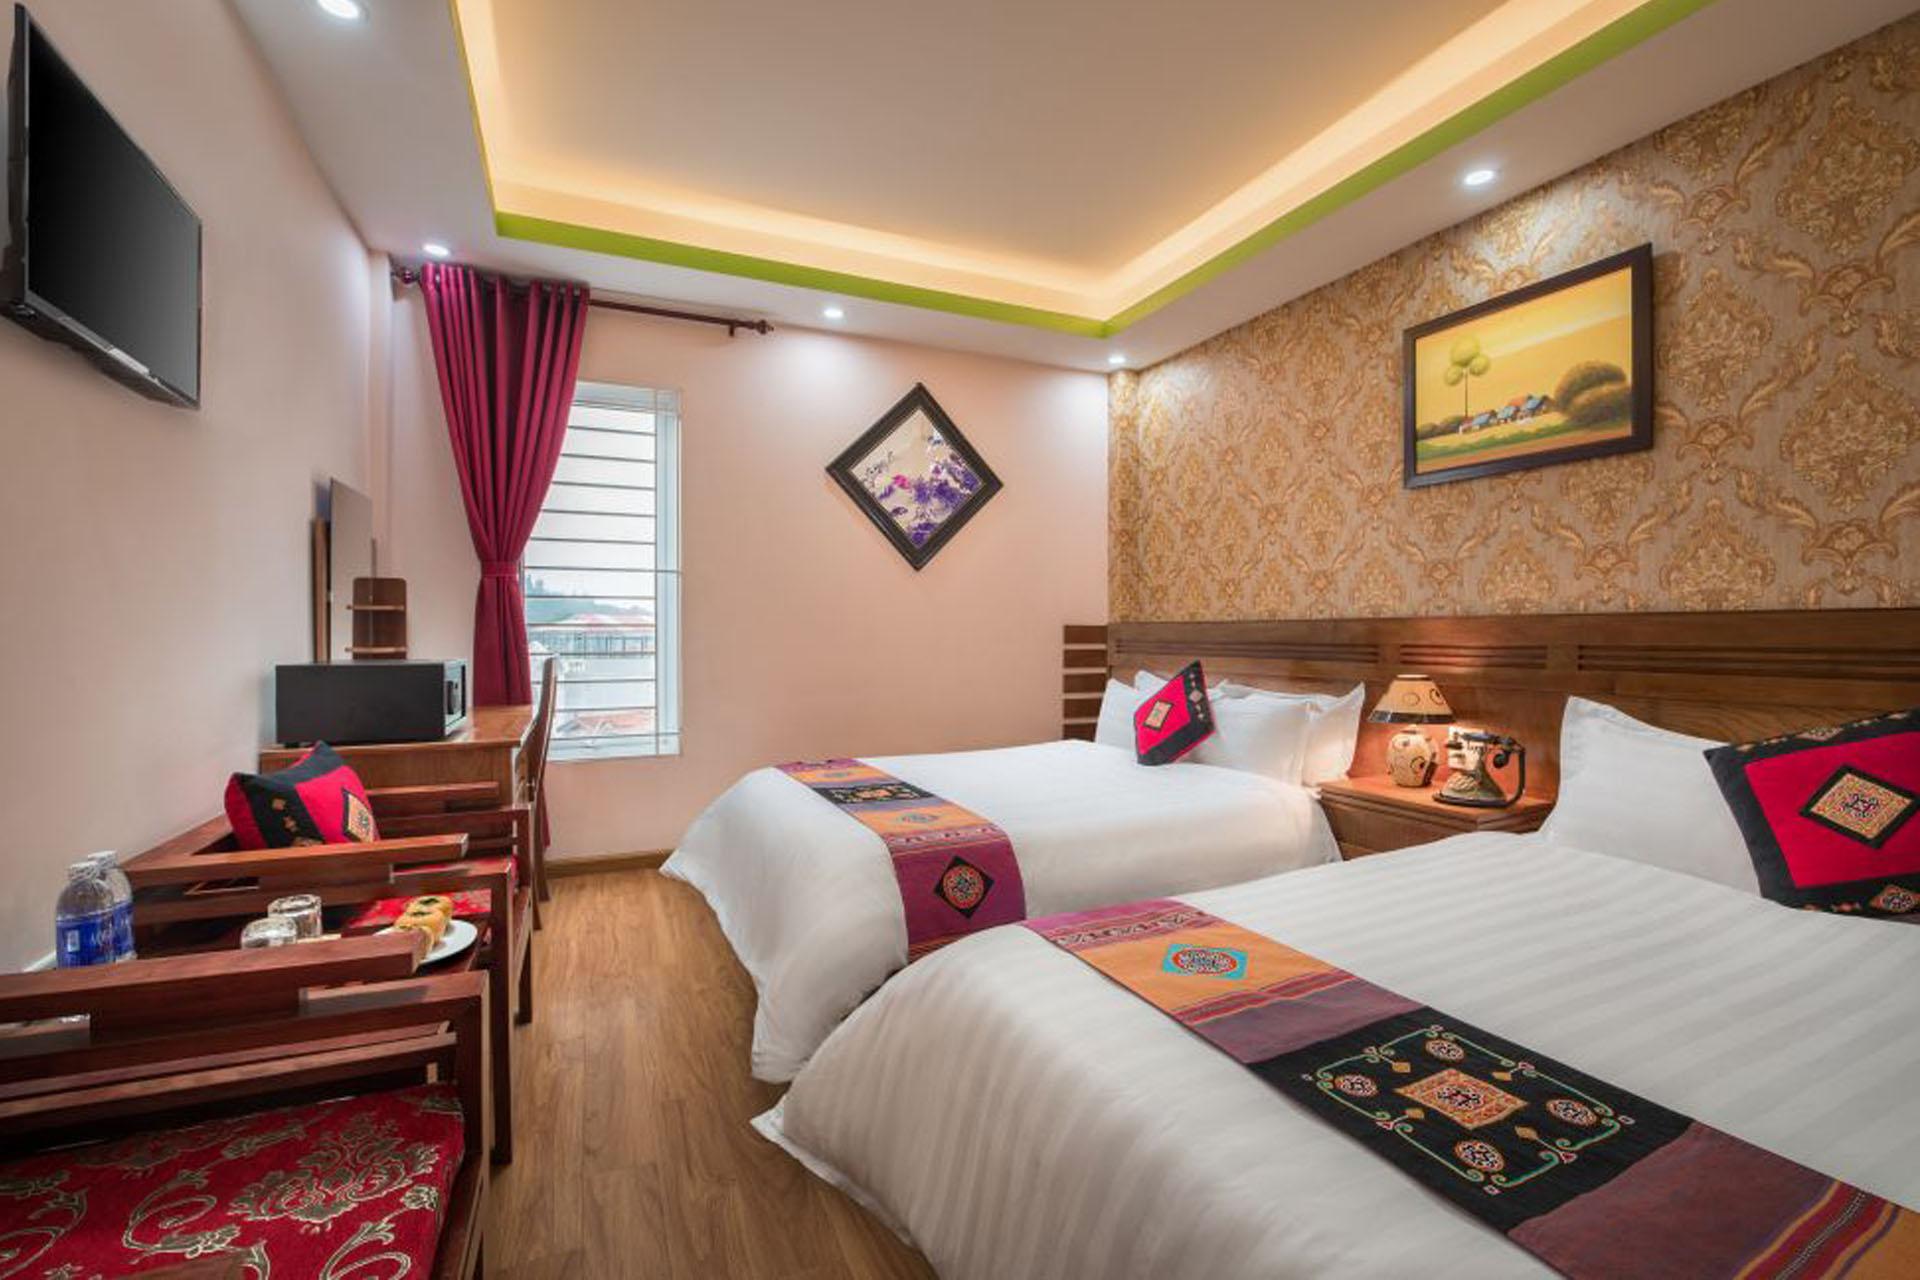 Phân chia không gian hợp lý giữa nội thất và giường ngủ